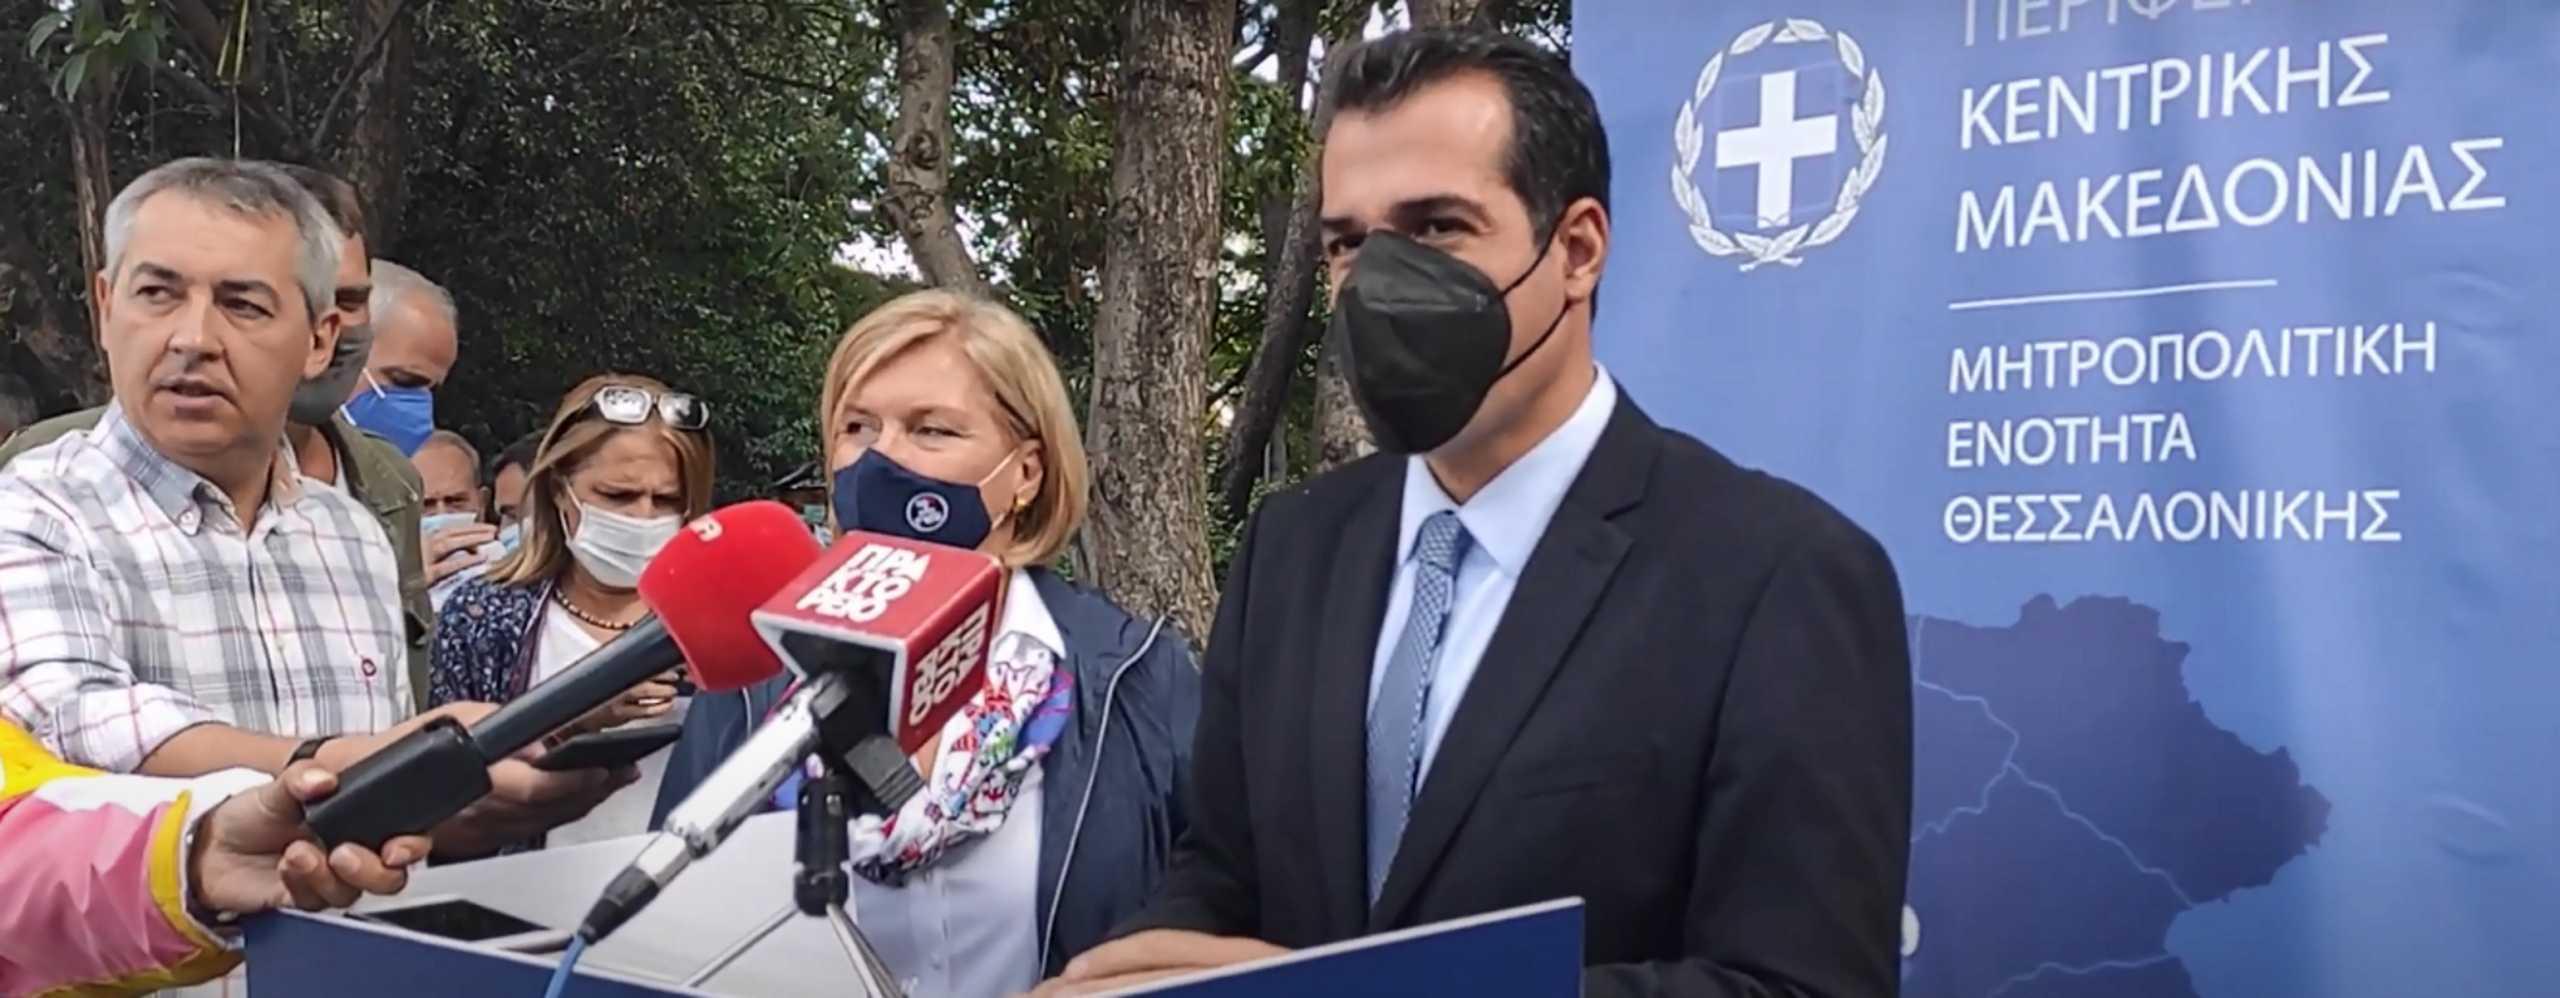 Κορονοϊός – Θάνος Πλεύρης: Γλιτώνει το lockdown η Θεσσαλονίκη